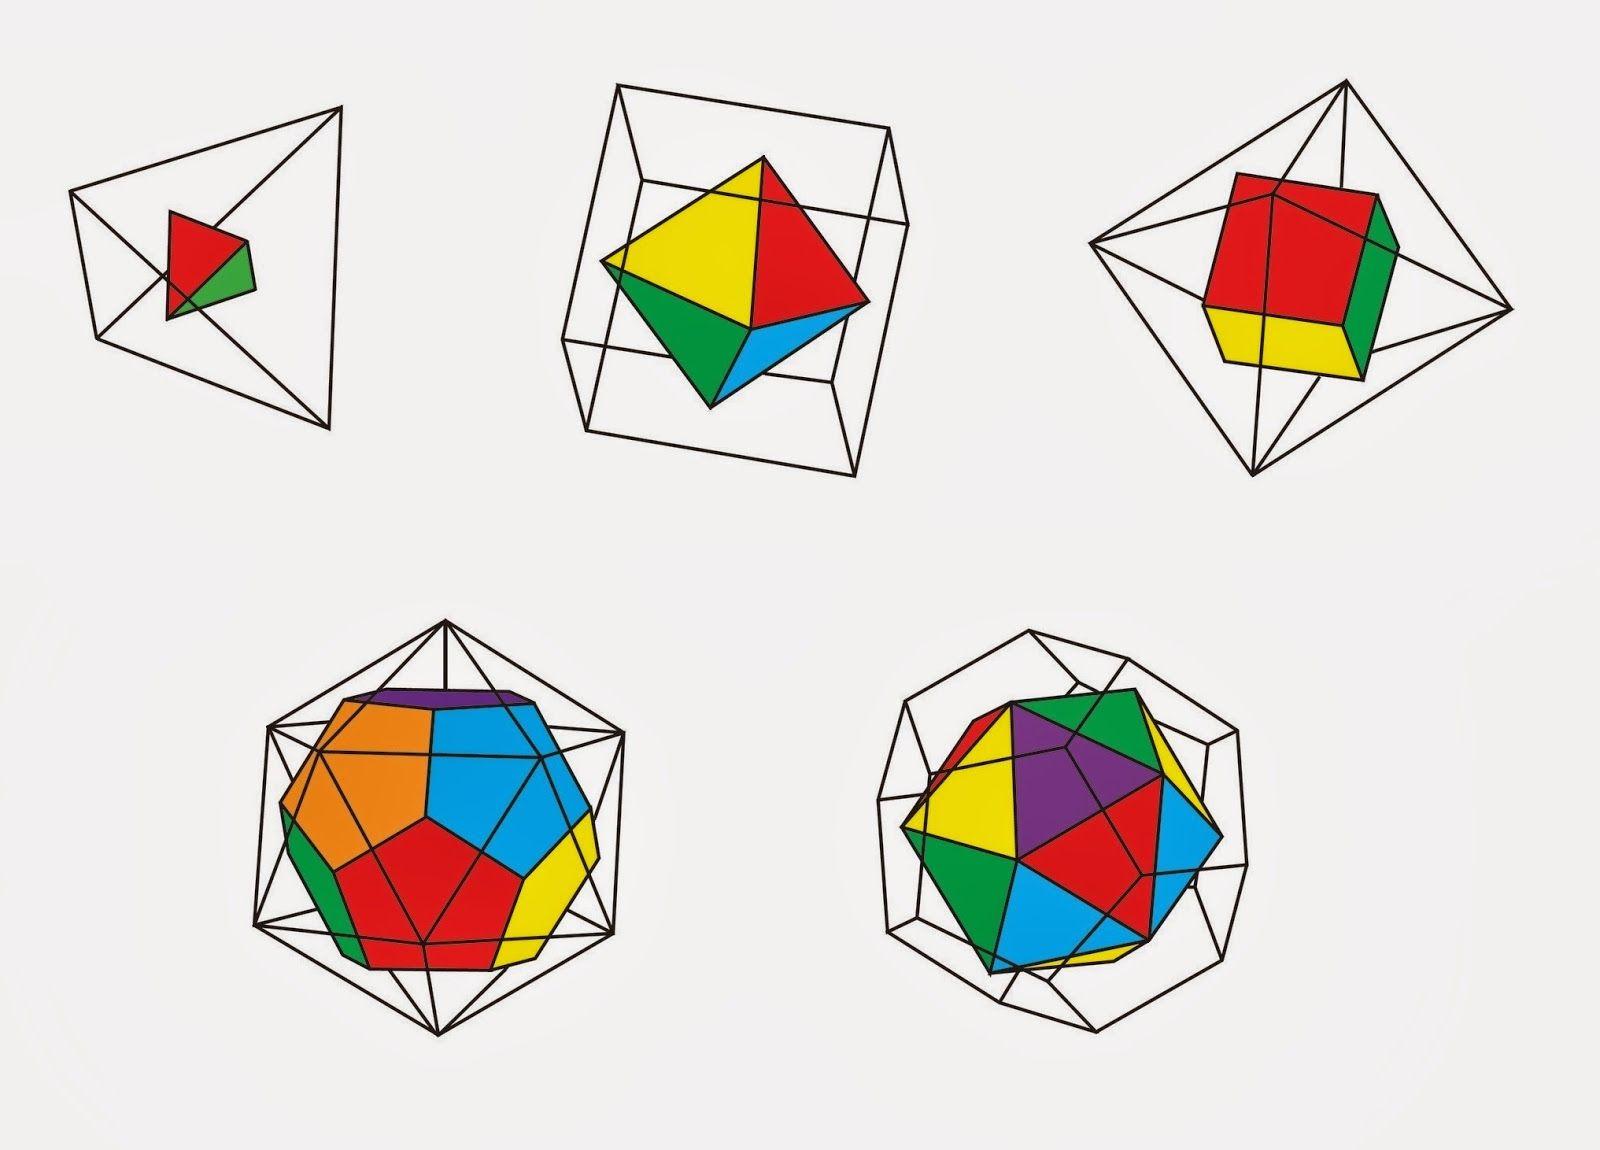 el dual del tetraedro es 233l mismo el cubo y el octaedro